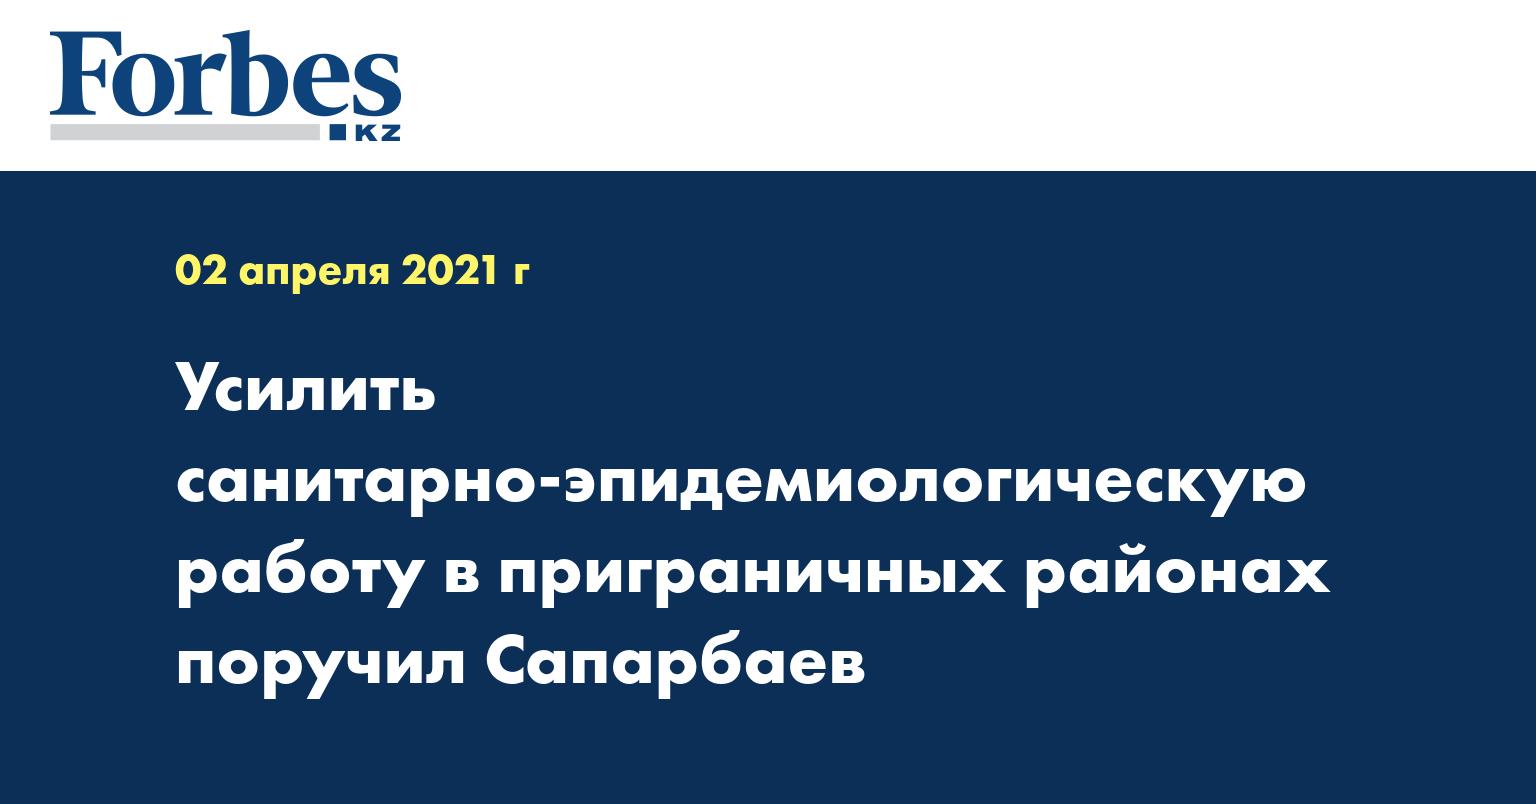 Усилить санитарно-эпидемиологическую работу в приграничных районах поручил Сапарбаев